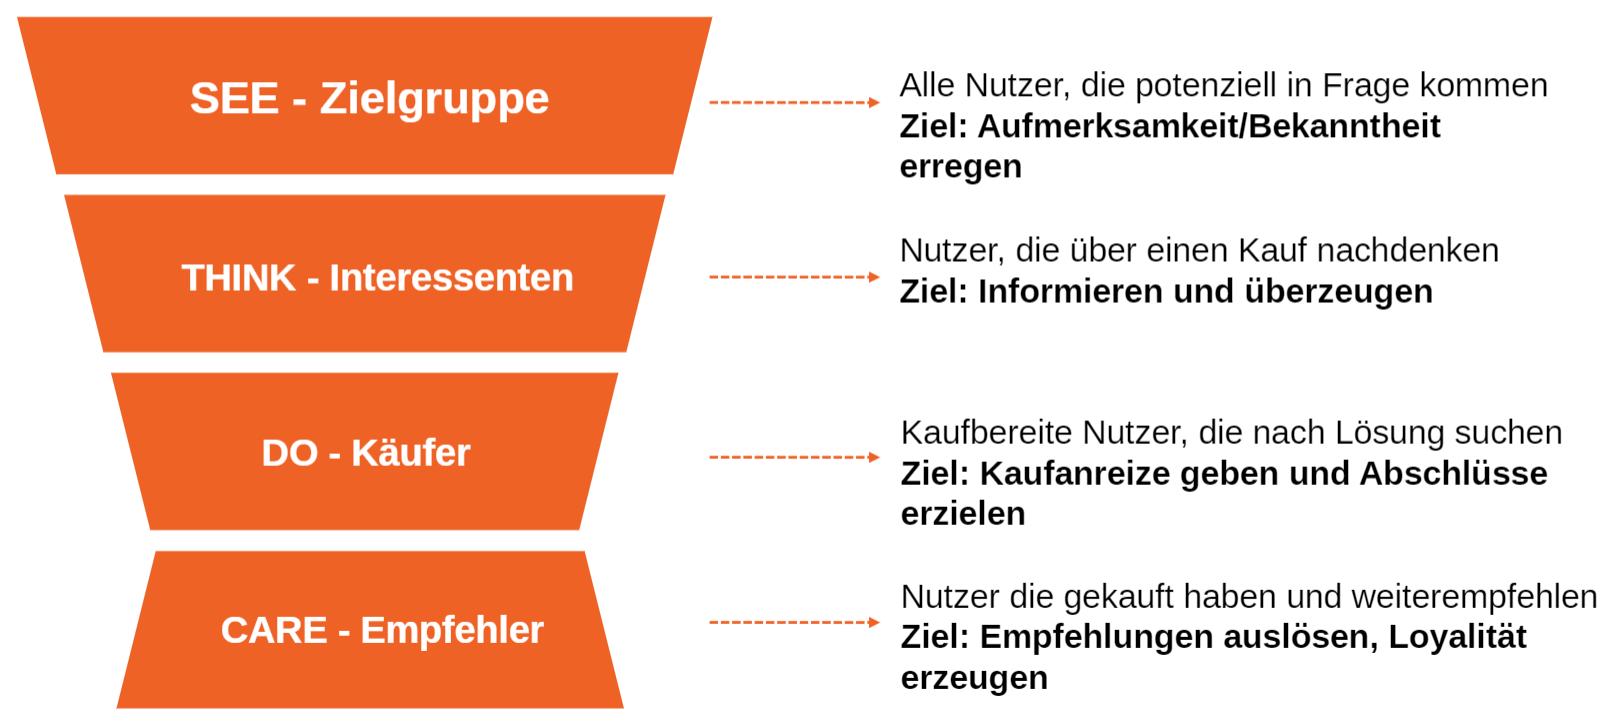 Mit Content Marketing Vertrauen schaffen - eMagnetix